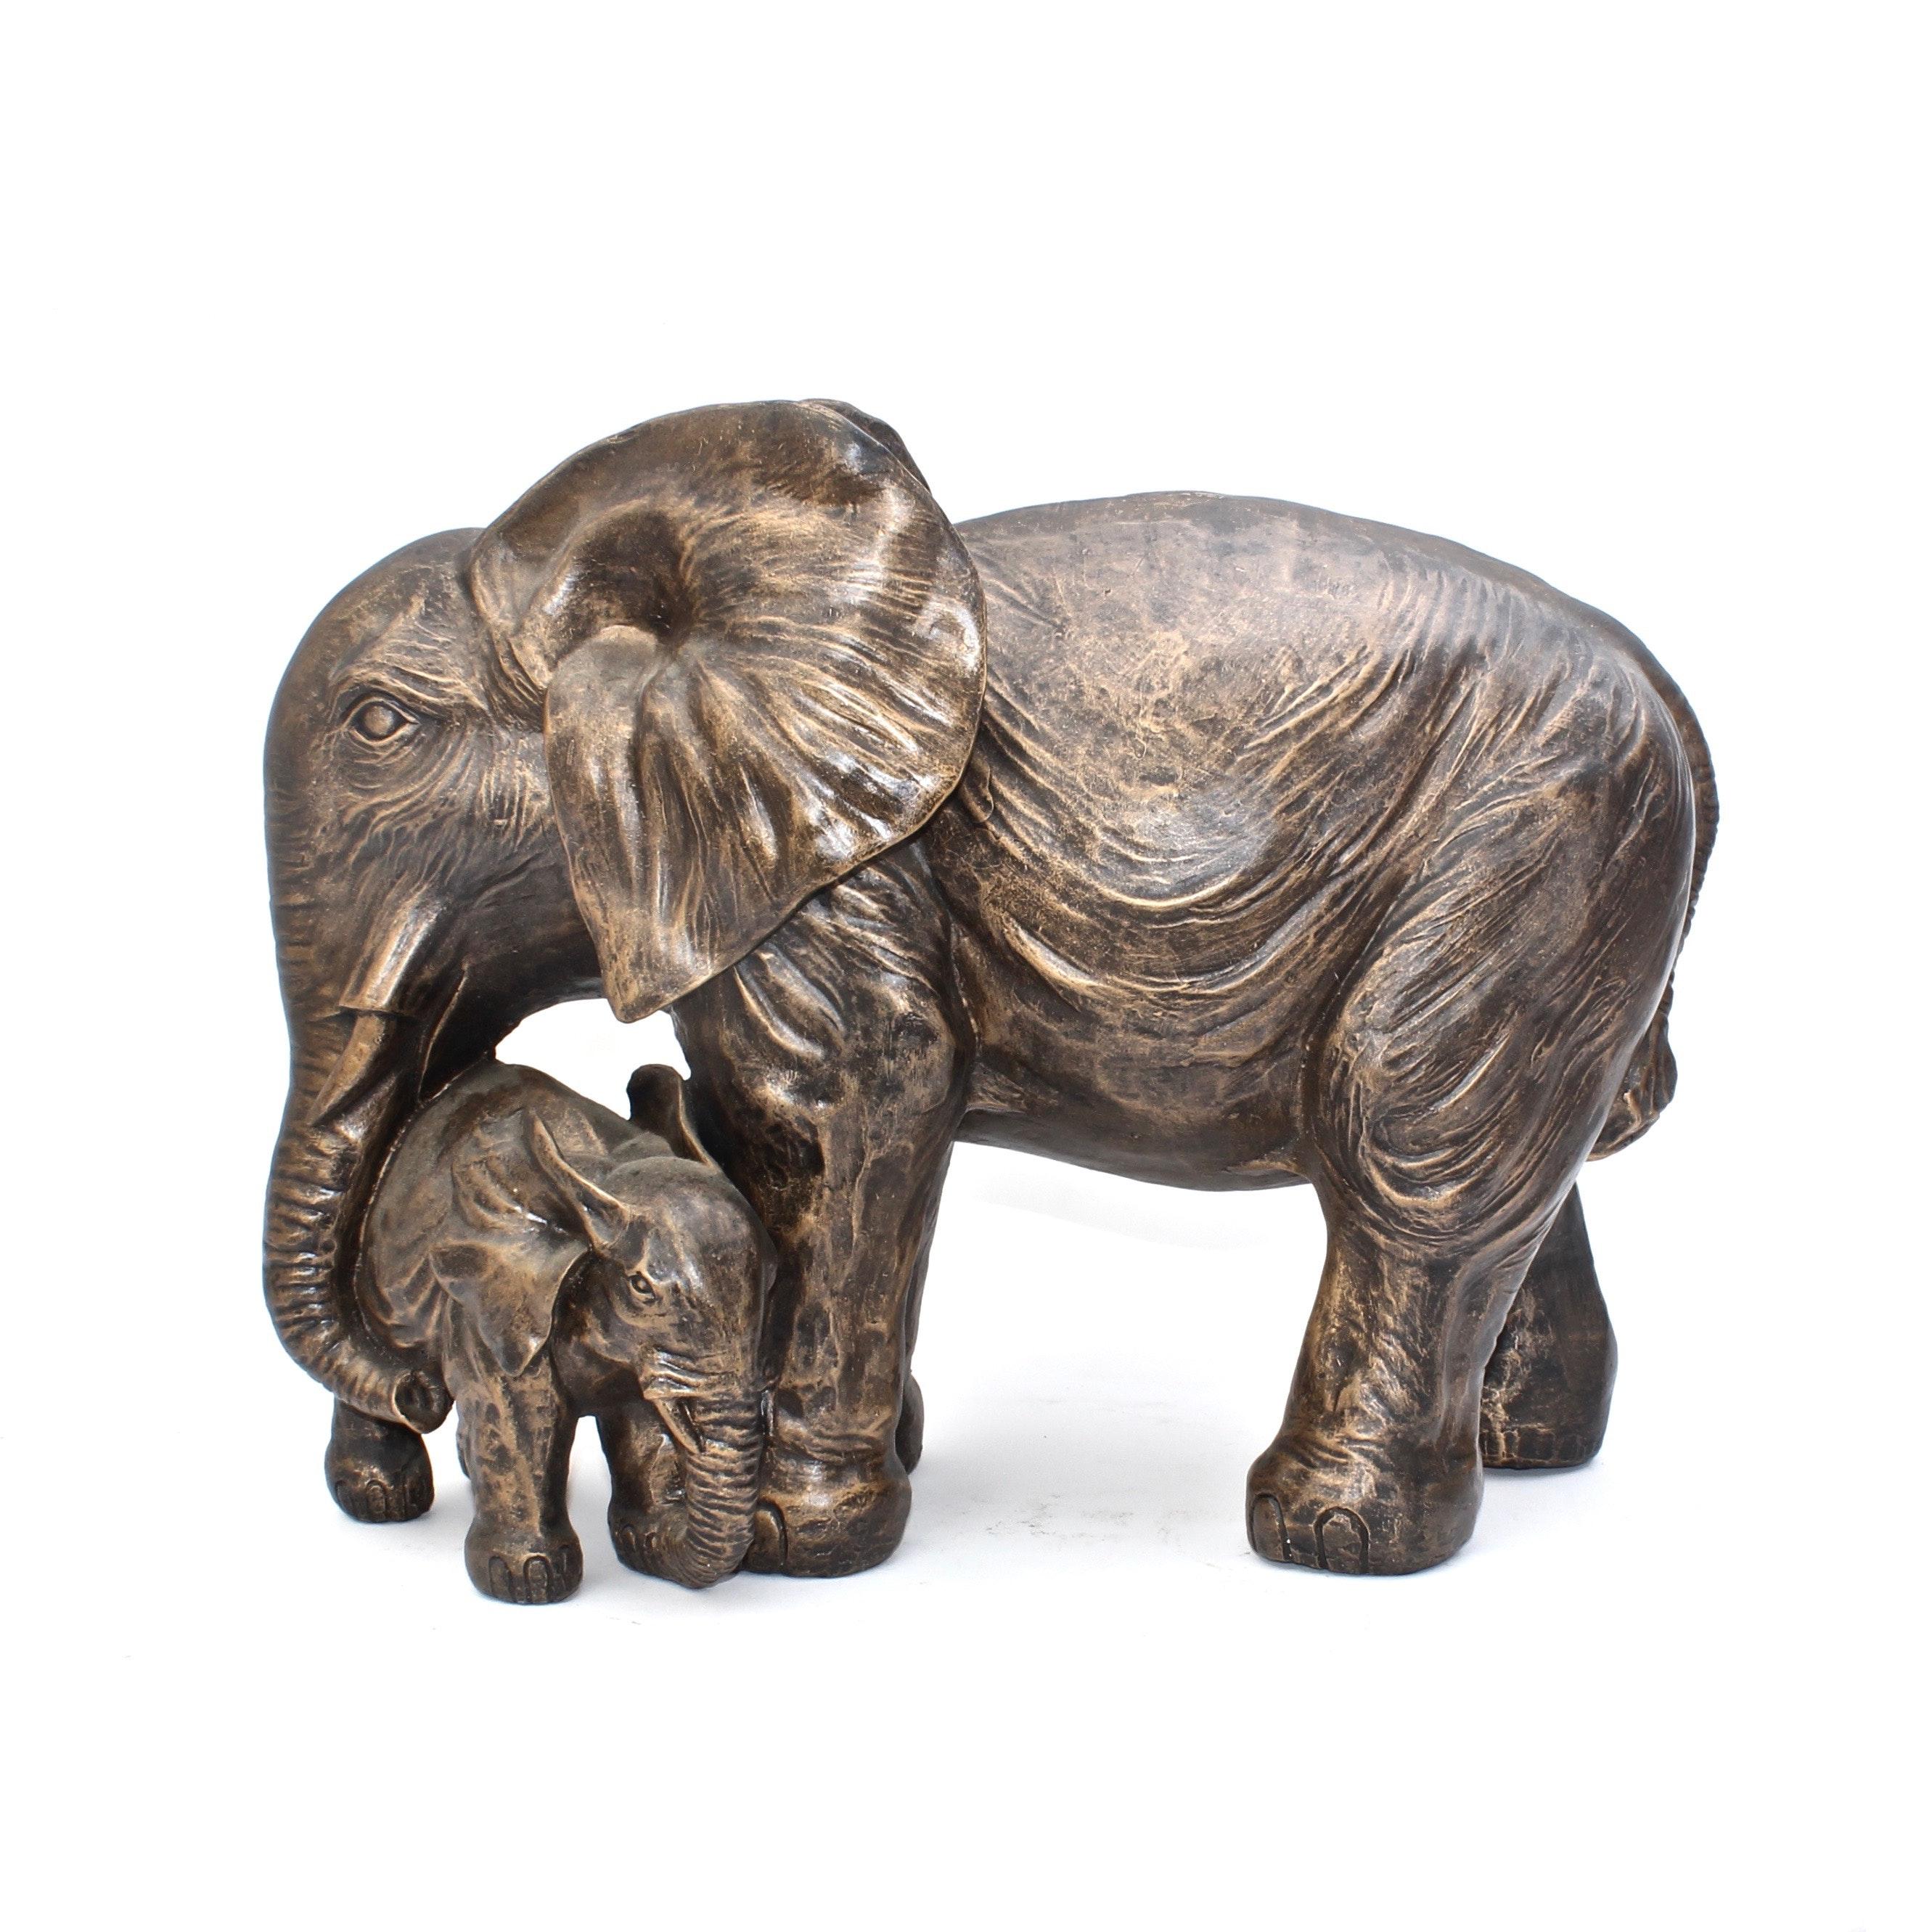 Plaster Copper Tone Elephant Sculpture